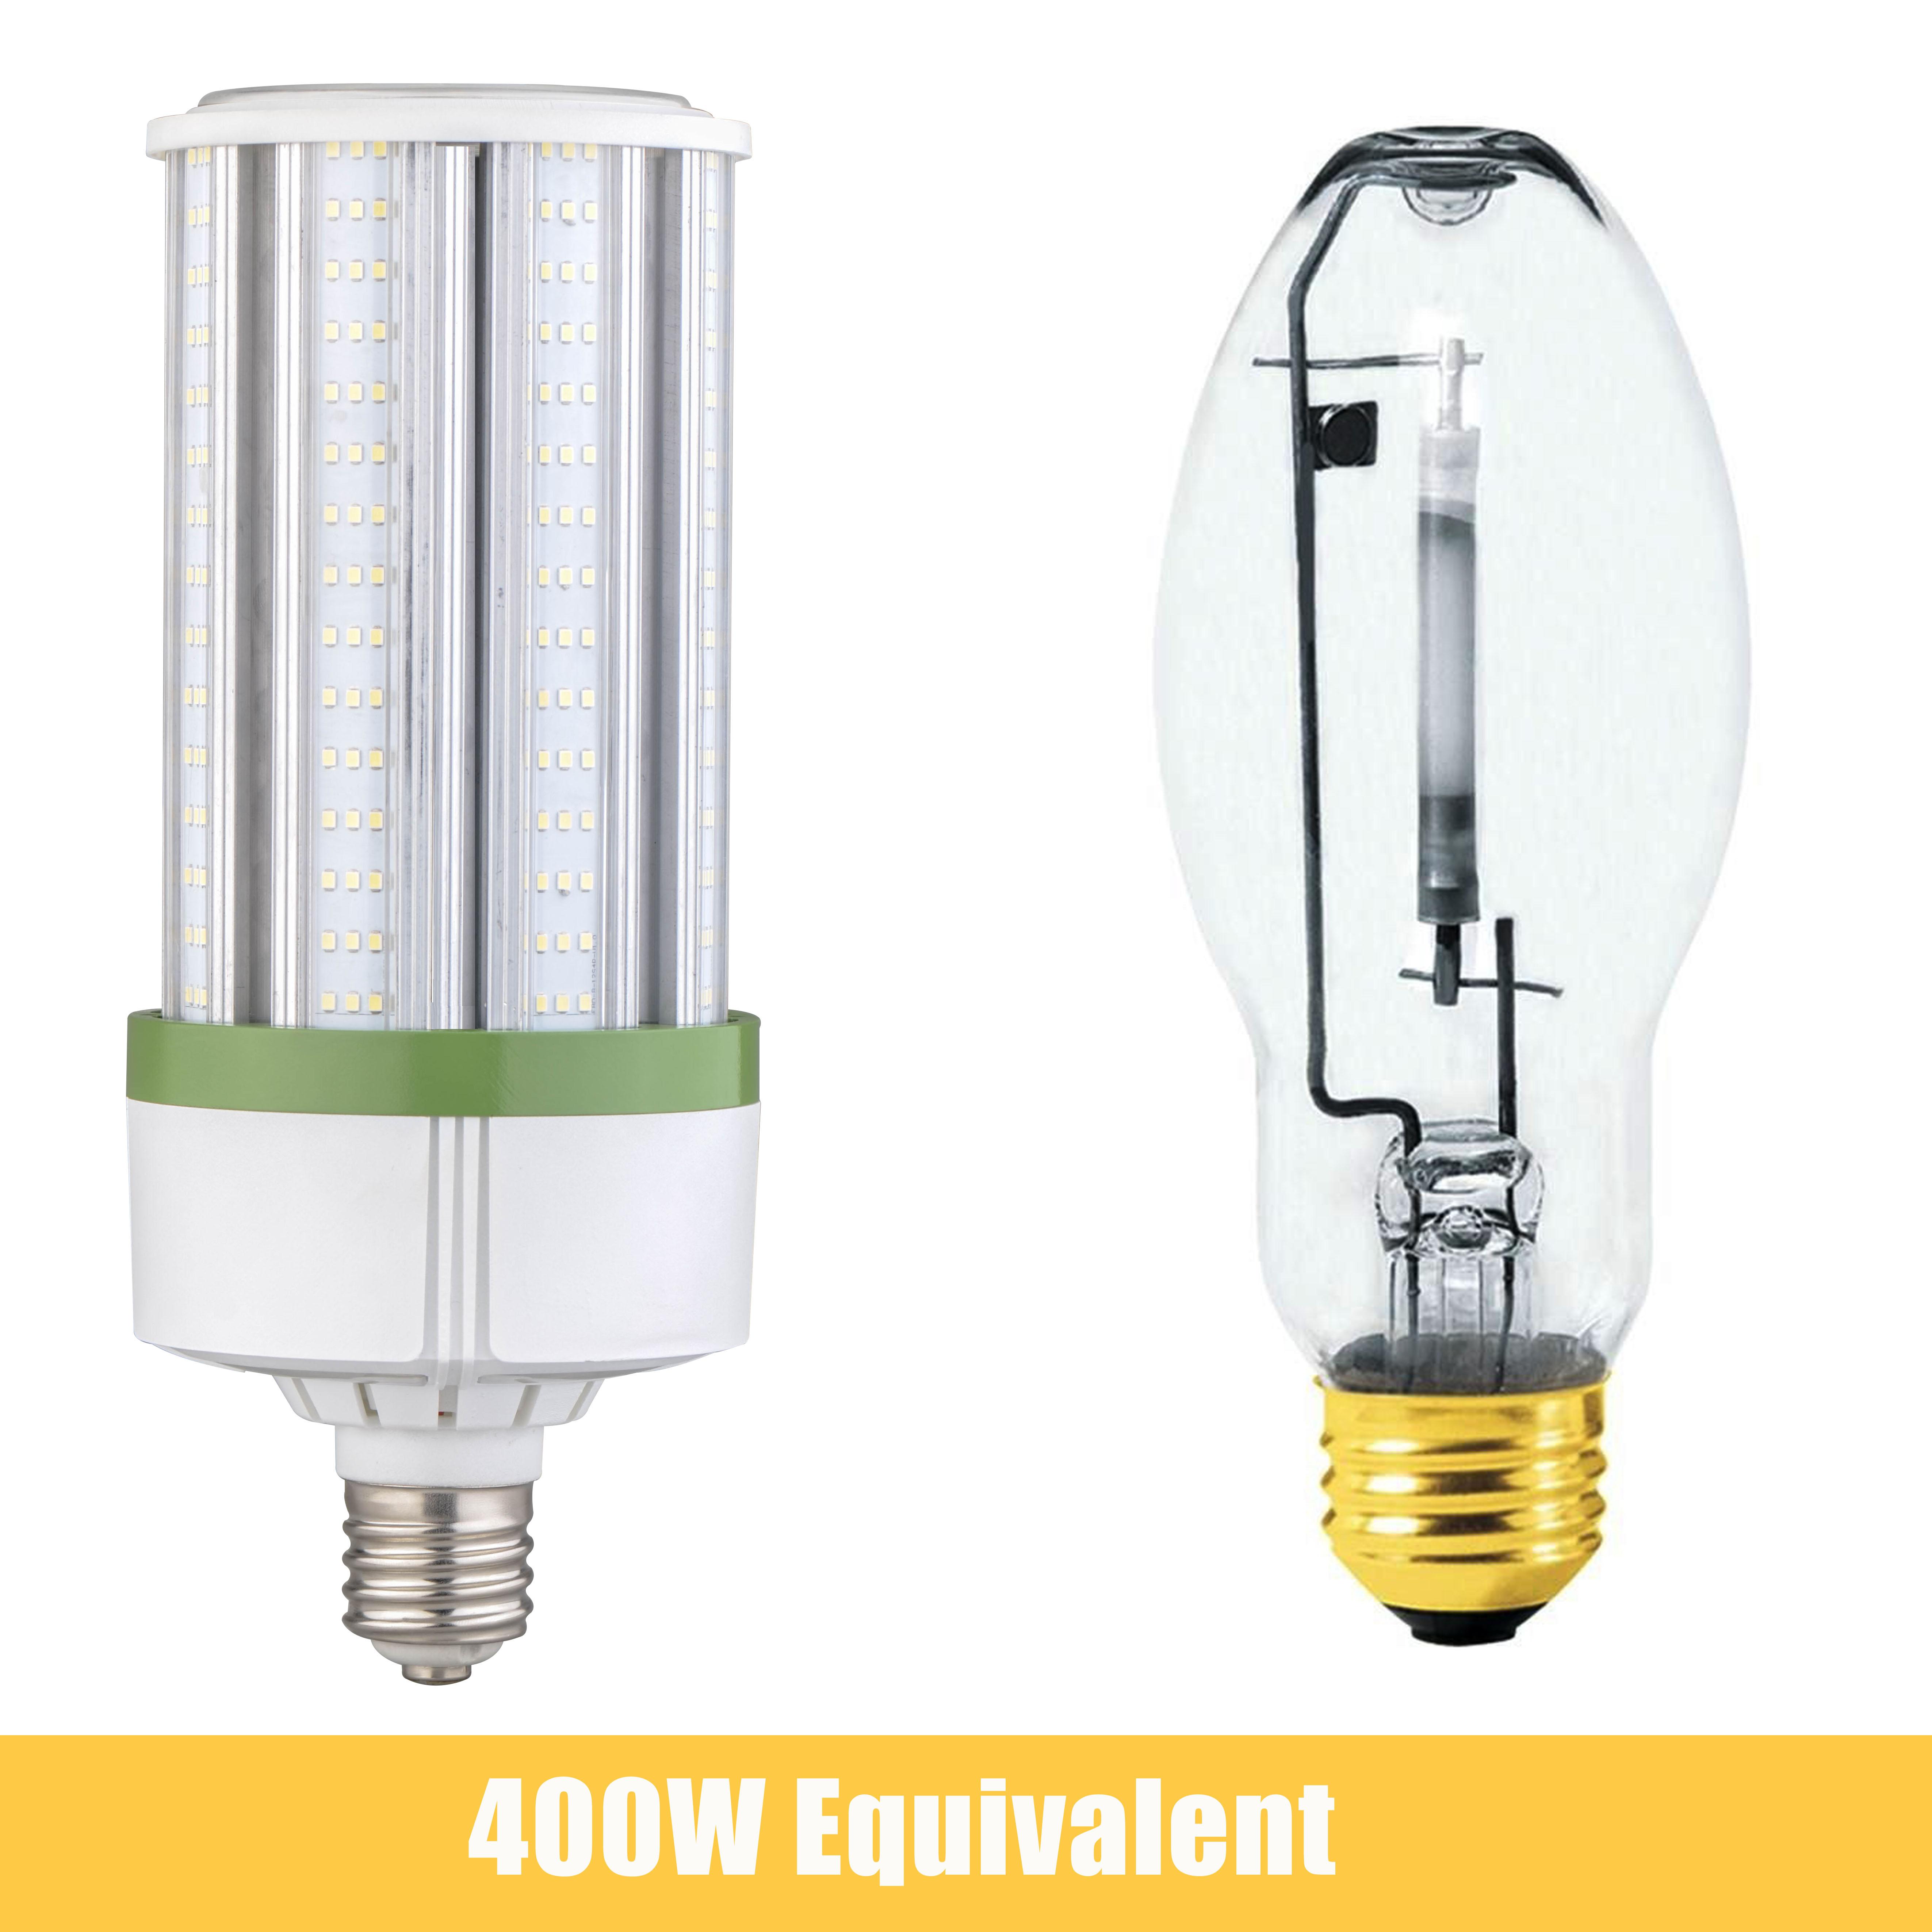 Led Corn Light For Sale 100 Watt 5000k Okaybulb